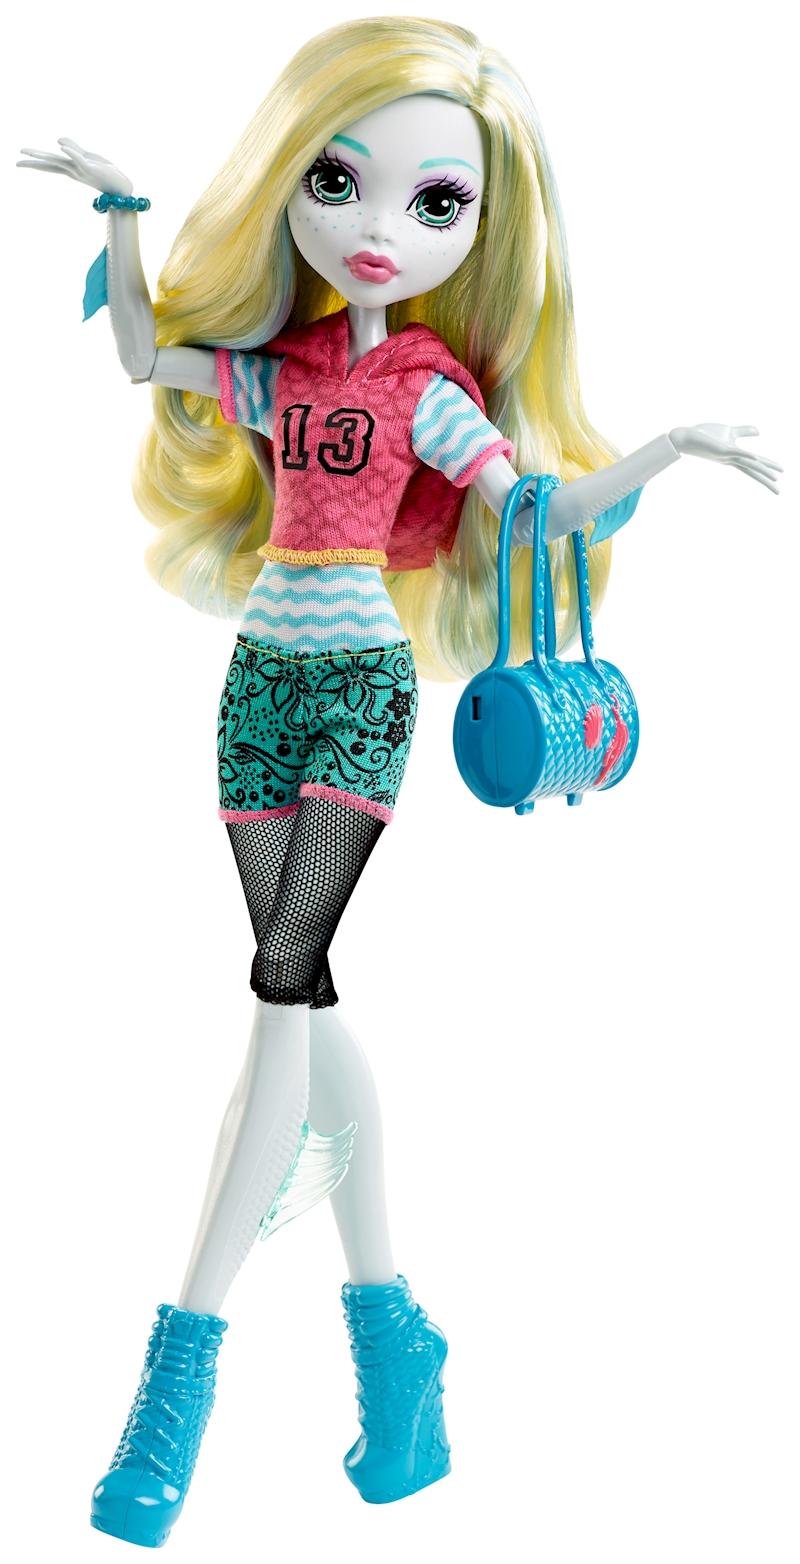 MONSTER HIGH LAGOONA BLUE DOLL  Shop Monster High Doll